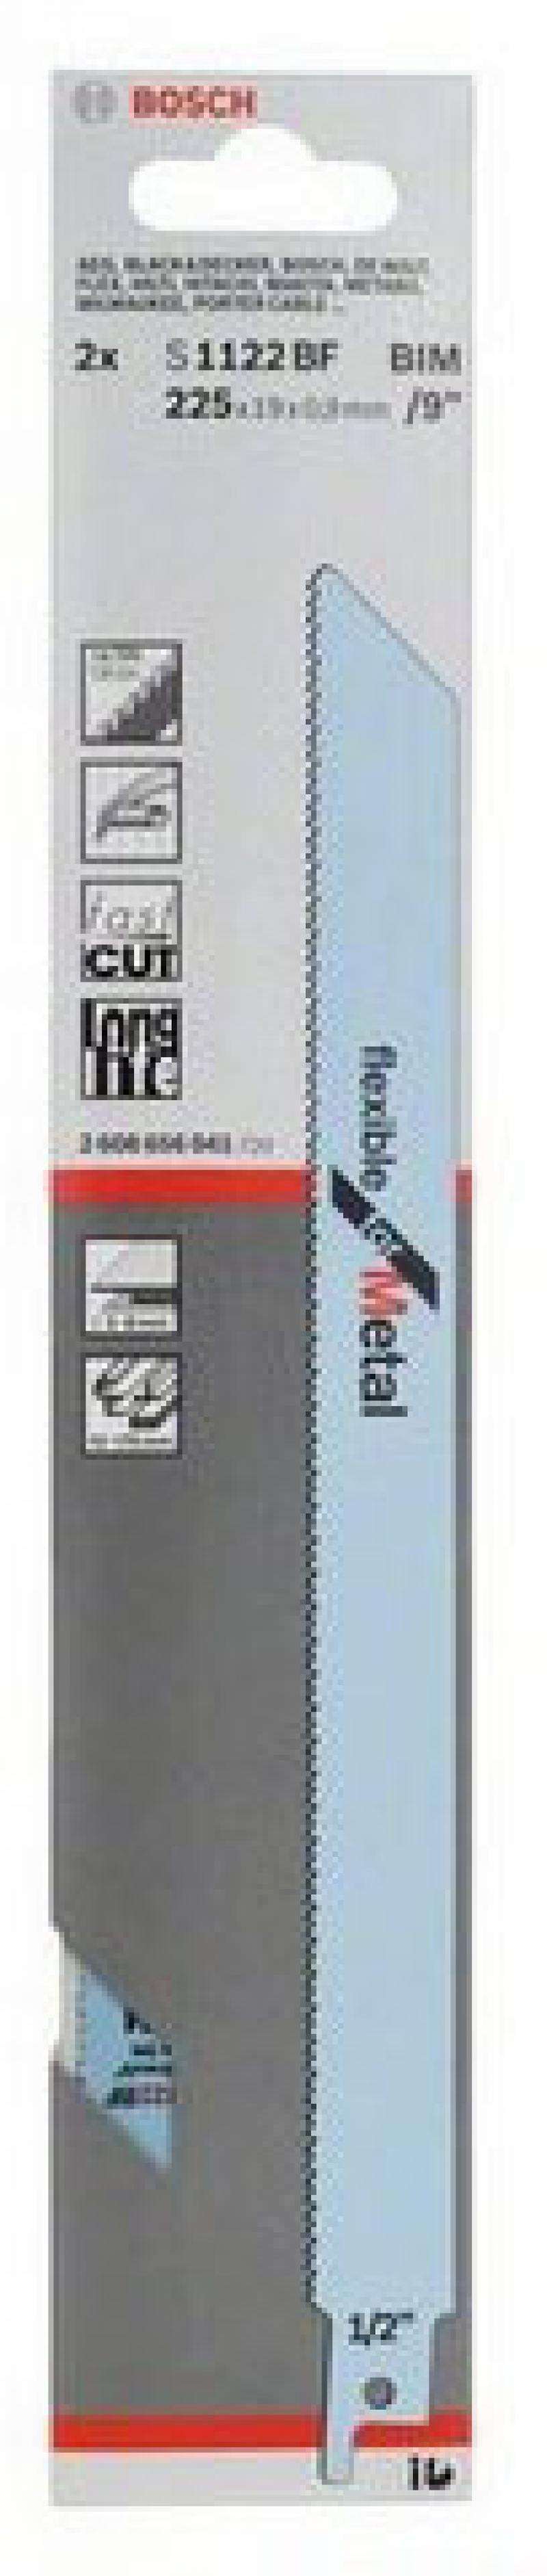 Набор пилок для сабельных пил Bosch S1122 BF 2шт 2608656041 комплектующие и запчасти для ноутбуков sony tablet z2 sgp511 512 541 z1